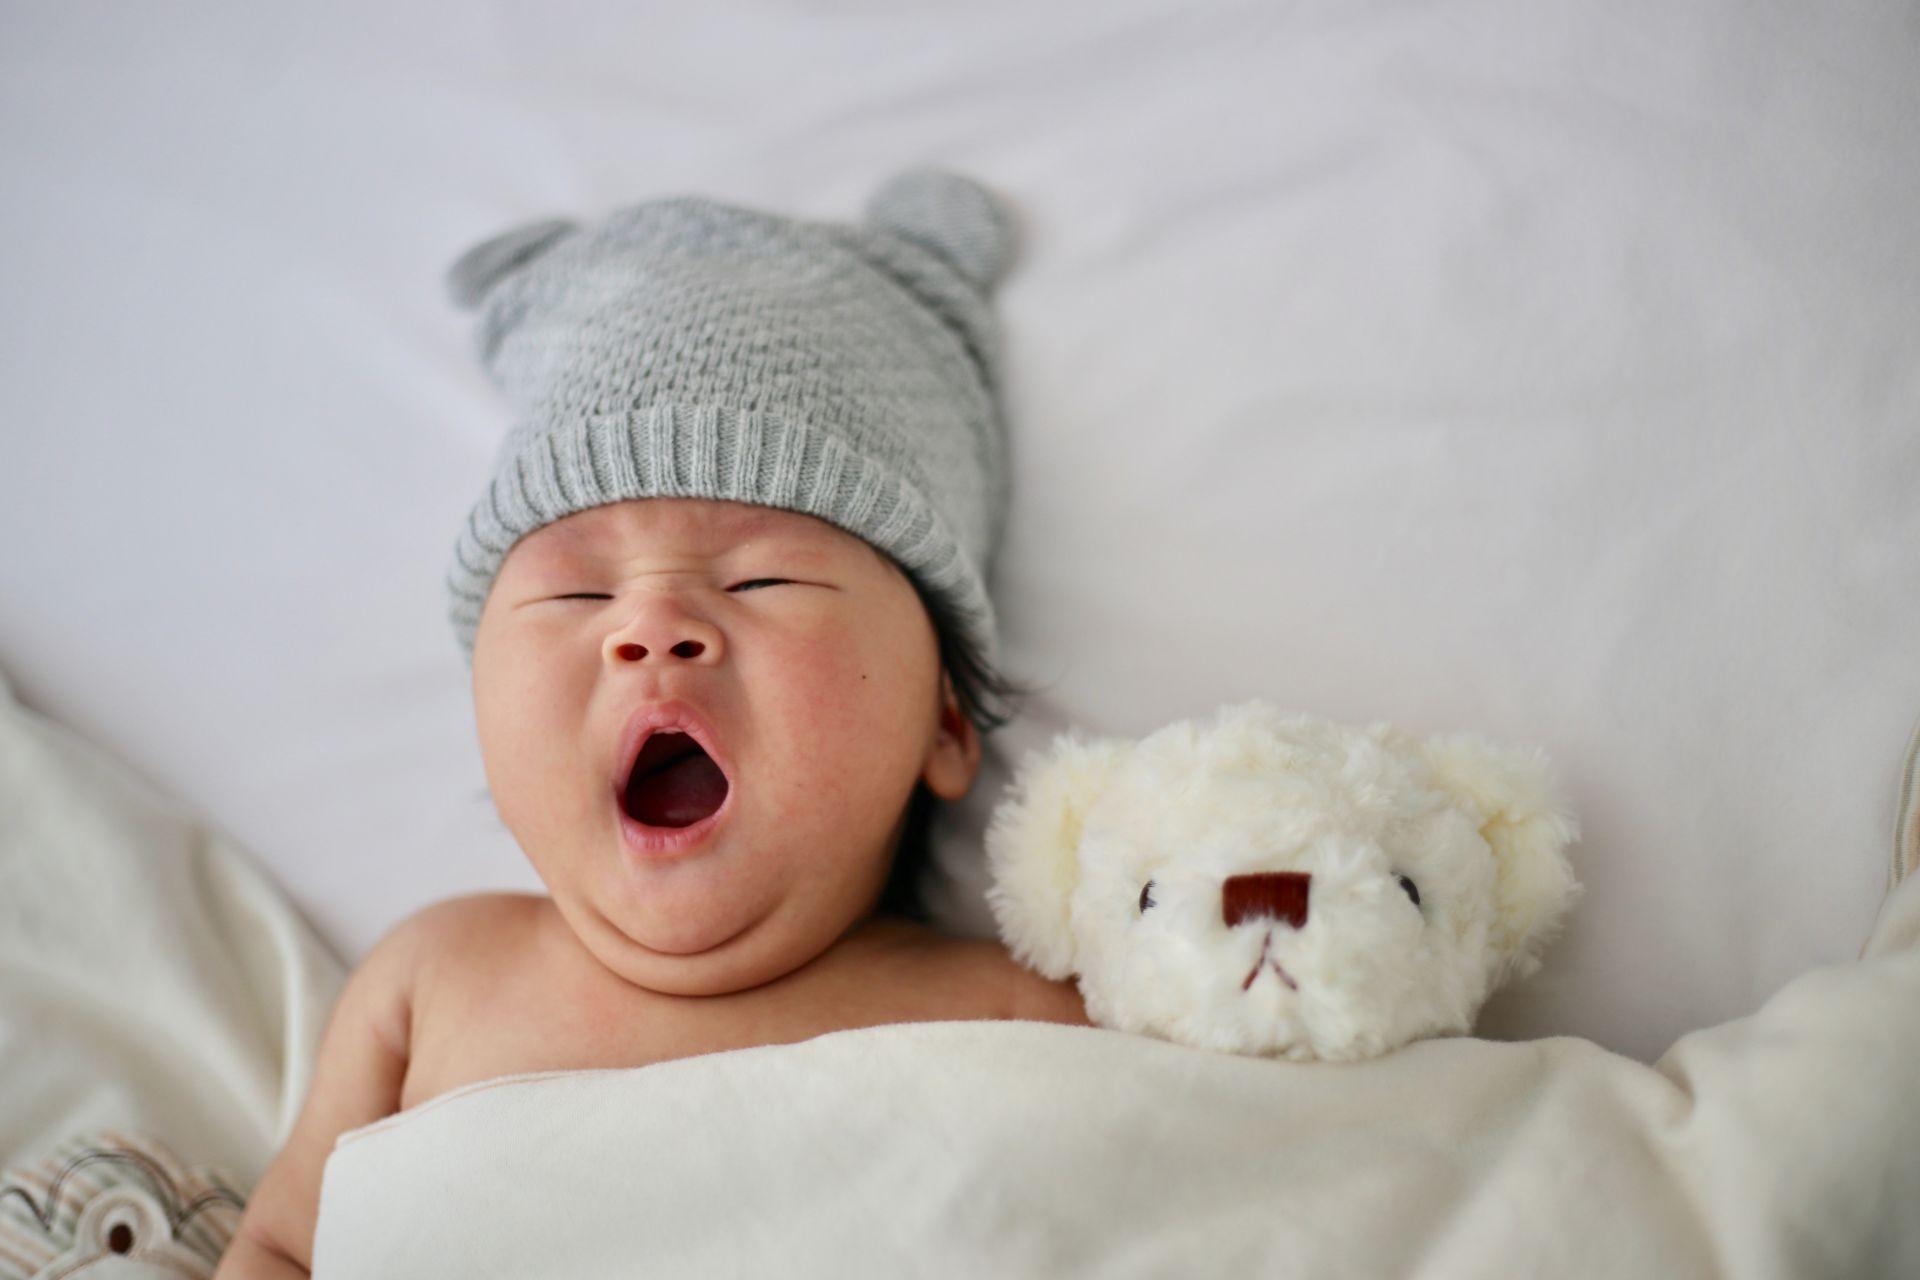 Las dudas y mitos más frecuentes sobre alergias alimentarias en la infancia - Entrevista al Dr. Bozzola, Alergólogo y Pediatra